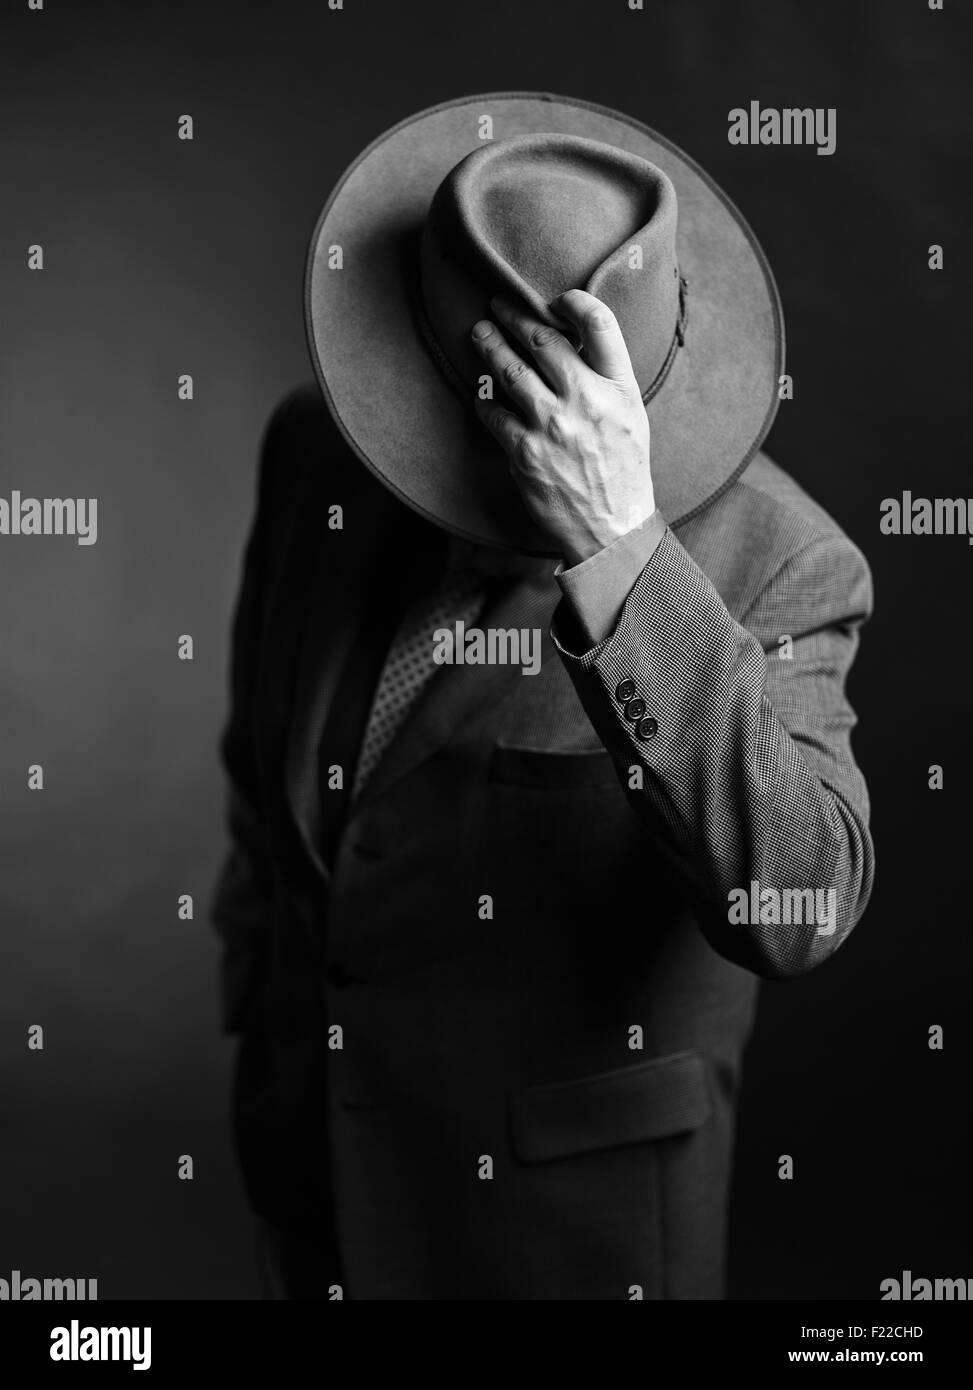 Männchen tragen dunkle Anzüge und er bedeckte Gesicht mit einem Hut, schwarz-weiß-Bild Stockbild